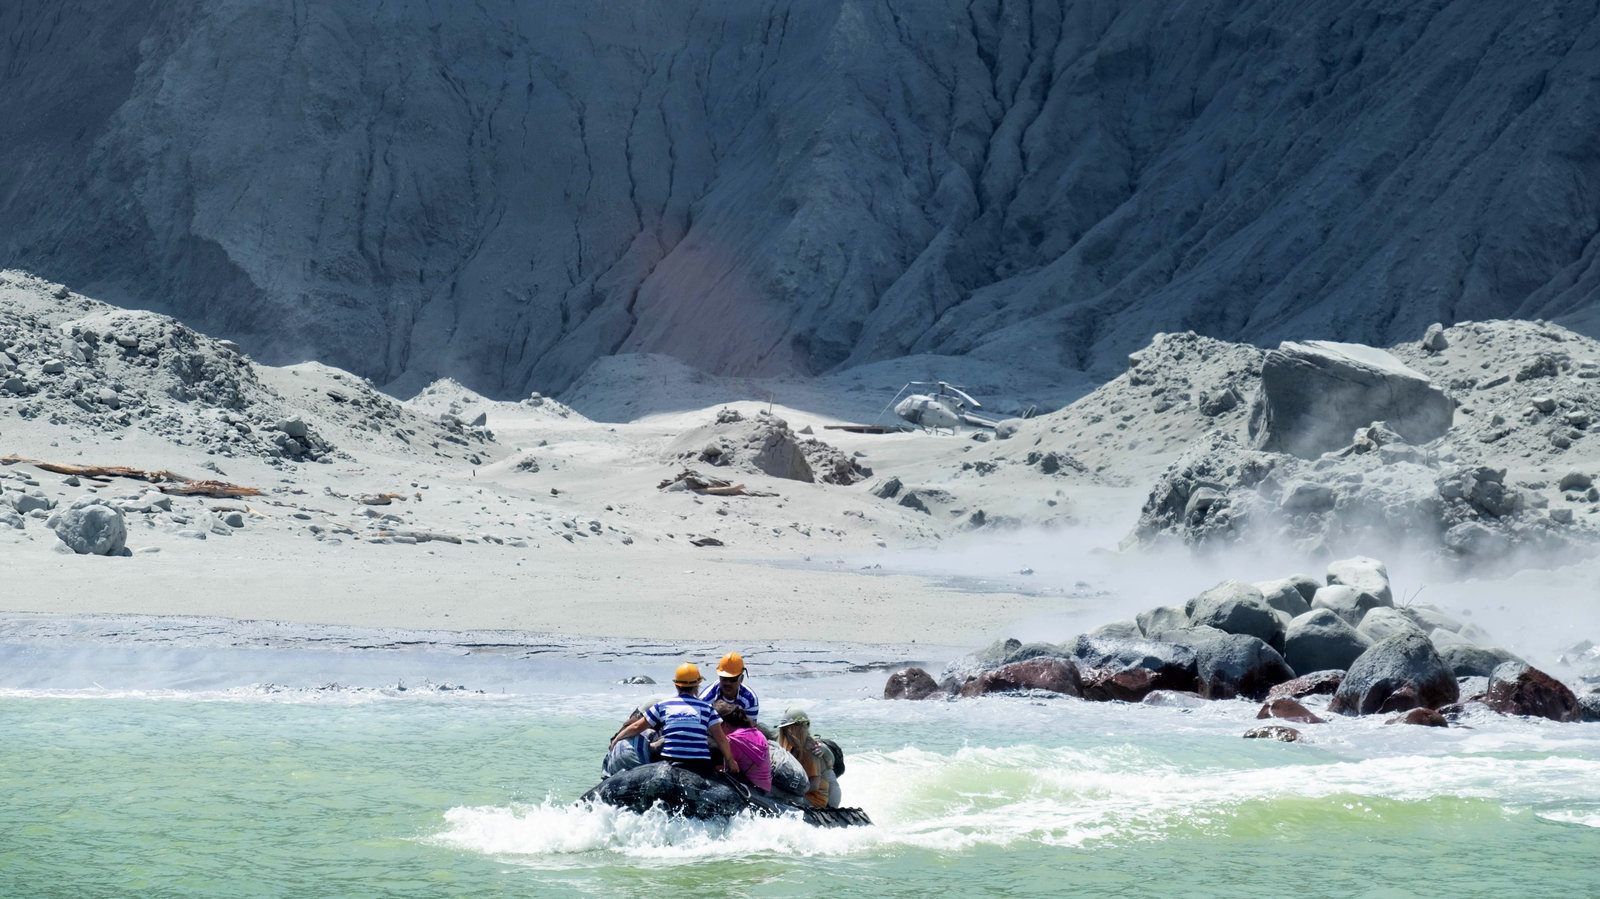 尽〗管有第二次喷发的警告,新西兰救援队在白岛发现了6具尸体